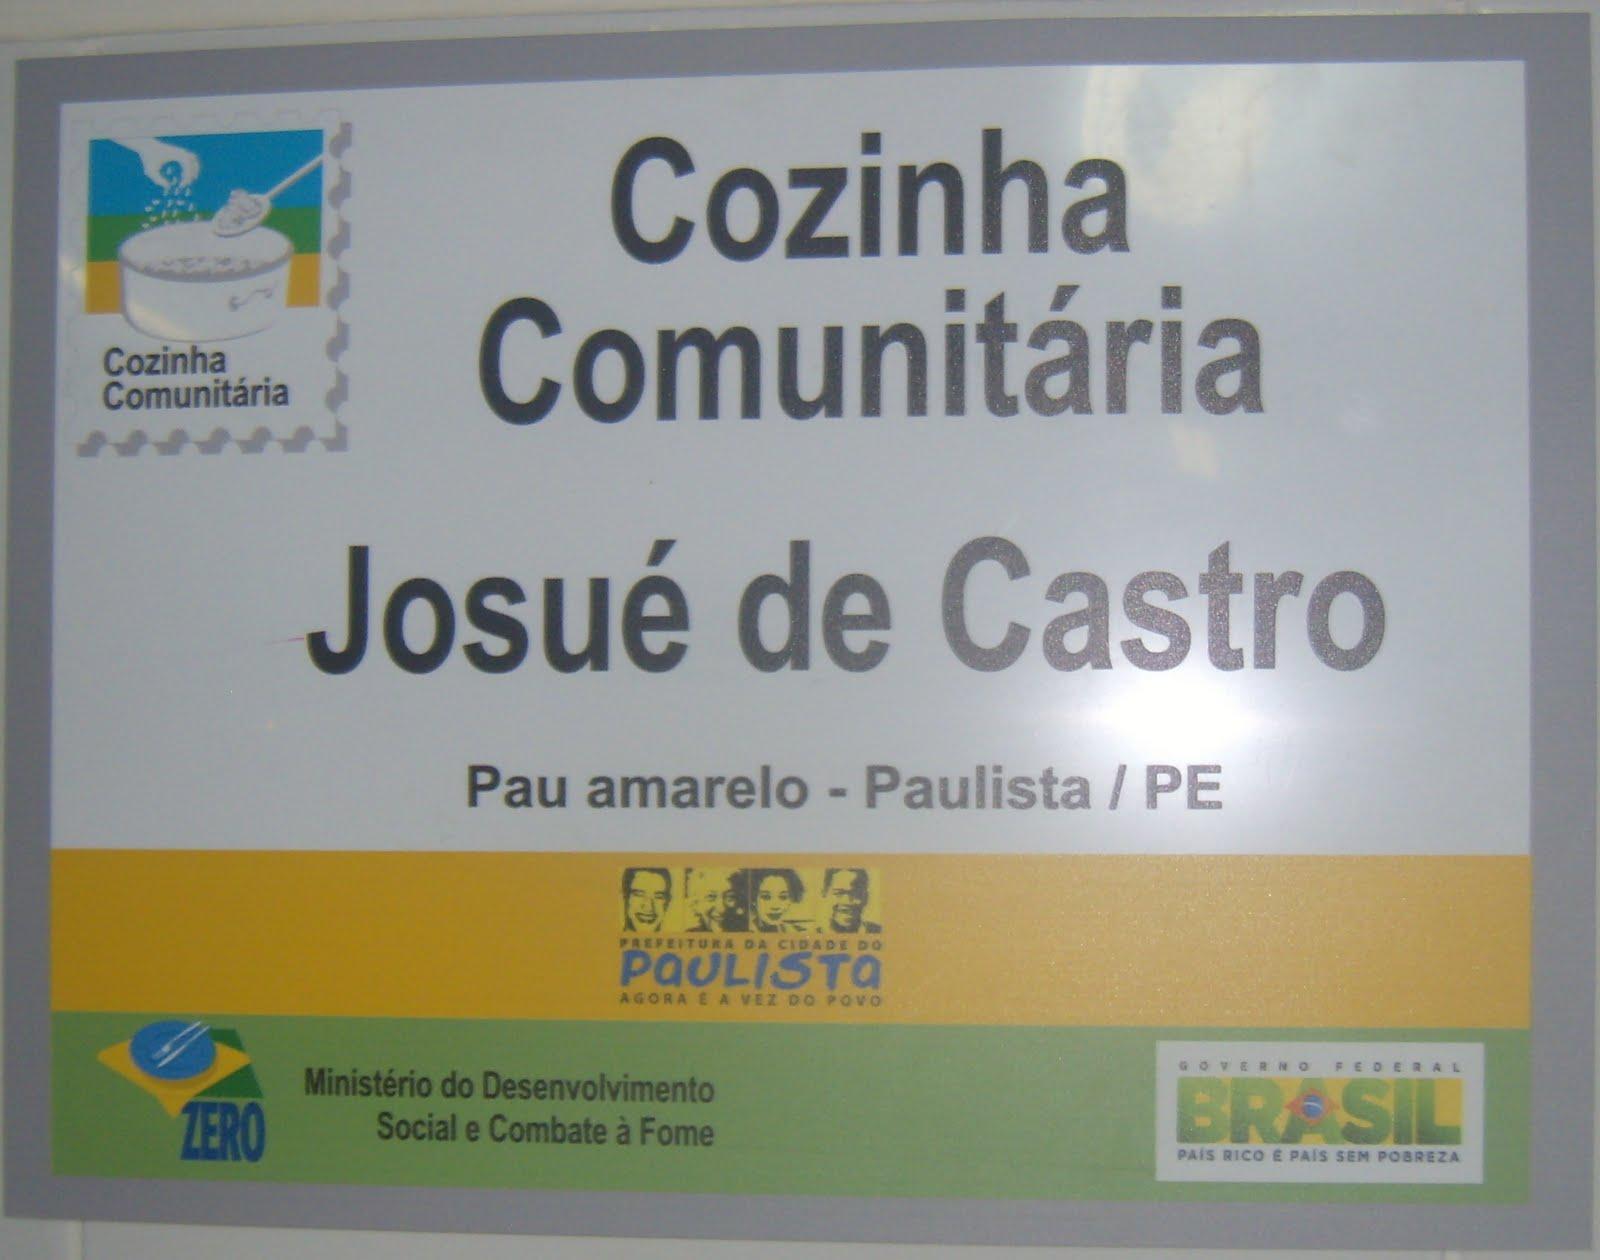 #286681  19 12 a 1ª cozinha comunitária do município o projeto foi fruto de 1600x1260 px Projeto Cozinha Comunitária Governo Federal_4147 Imagens